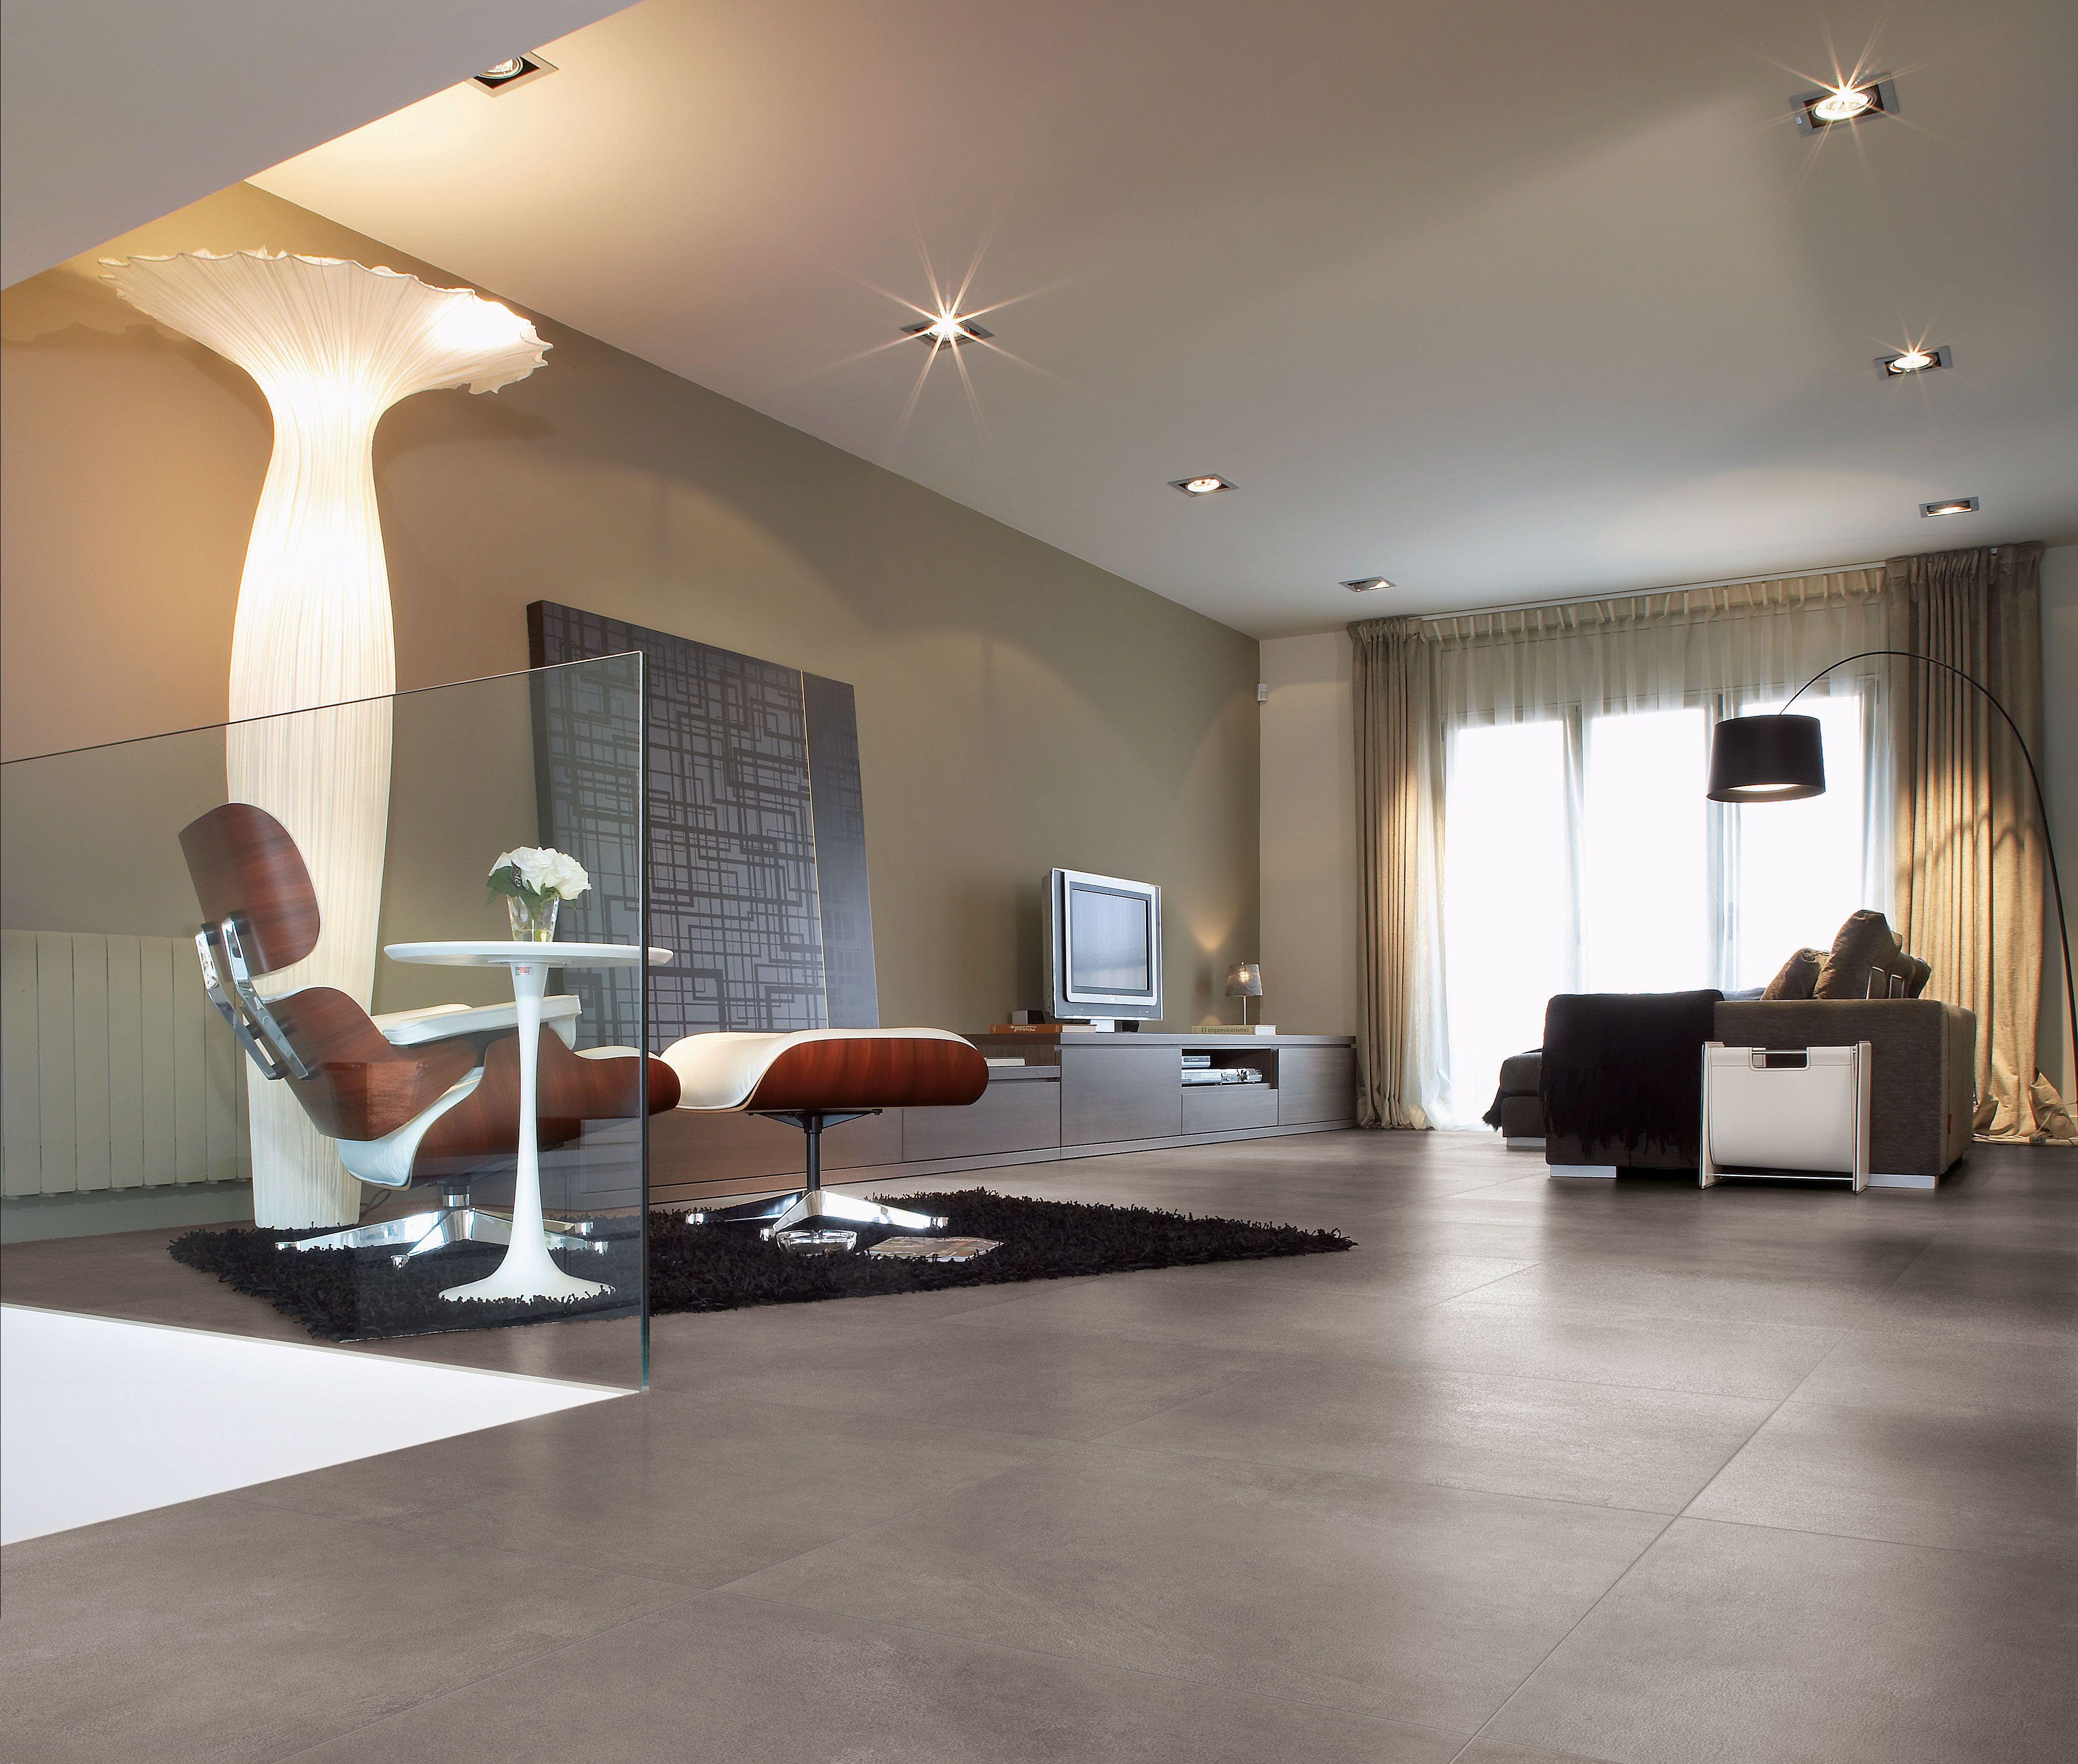 Carrelage sol genesis loft pour plus d 39 information rendez for Carrelage sanitaire